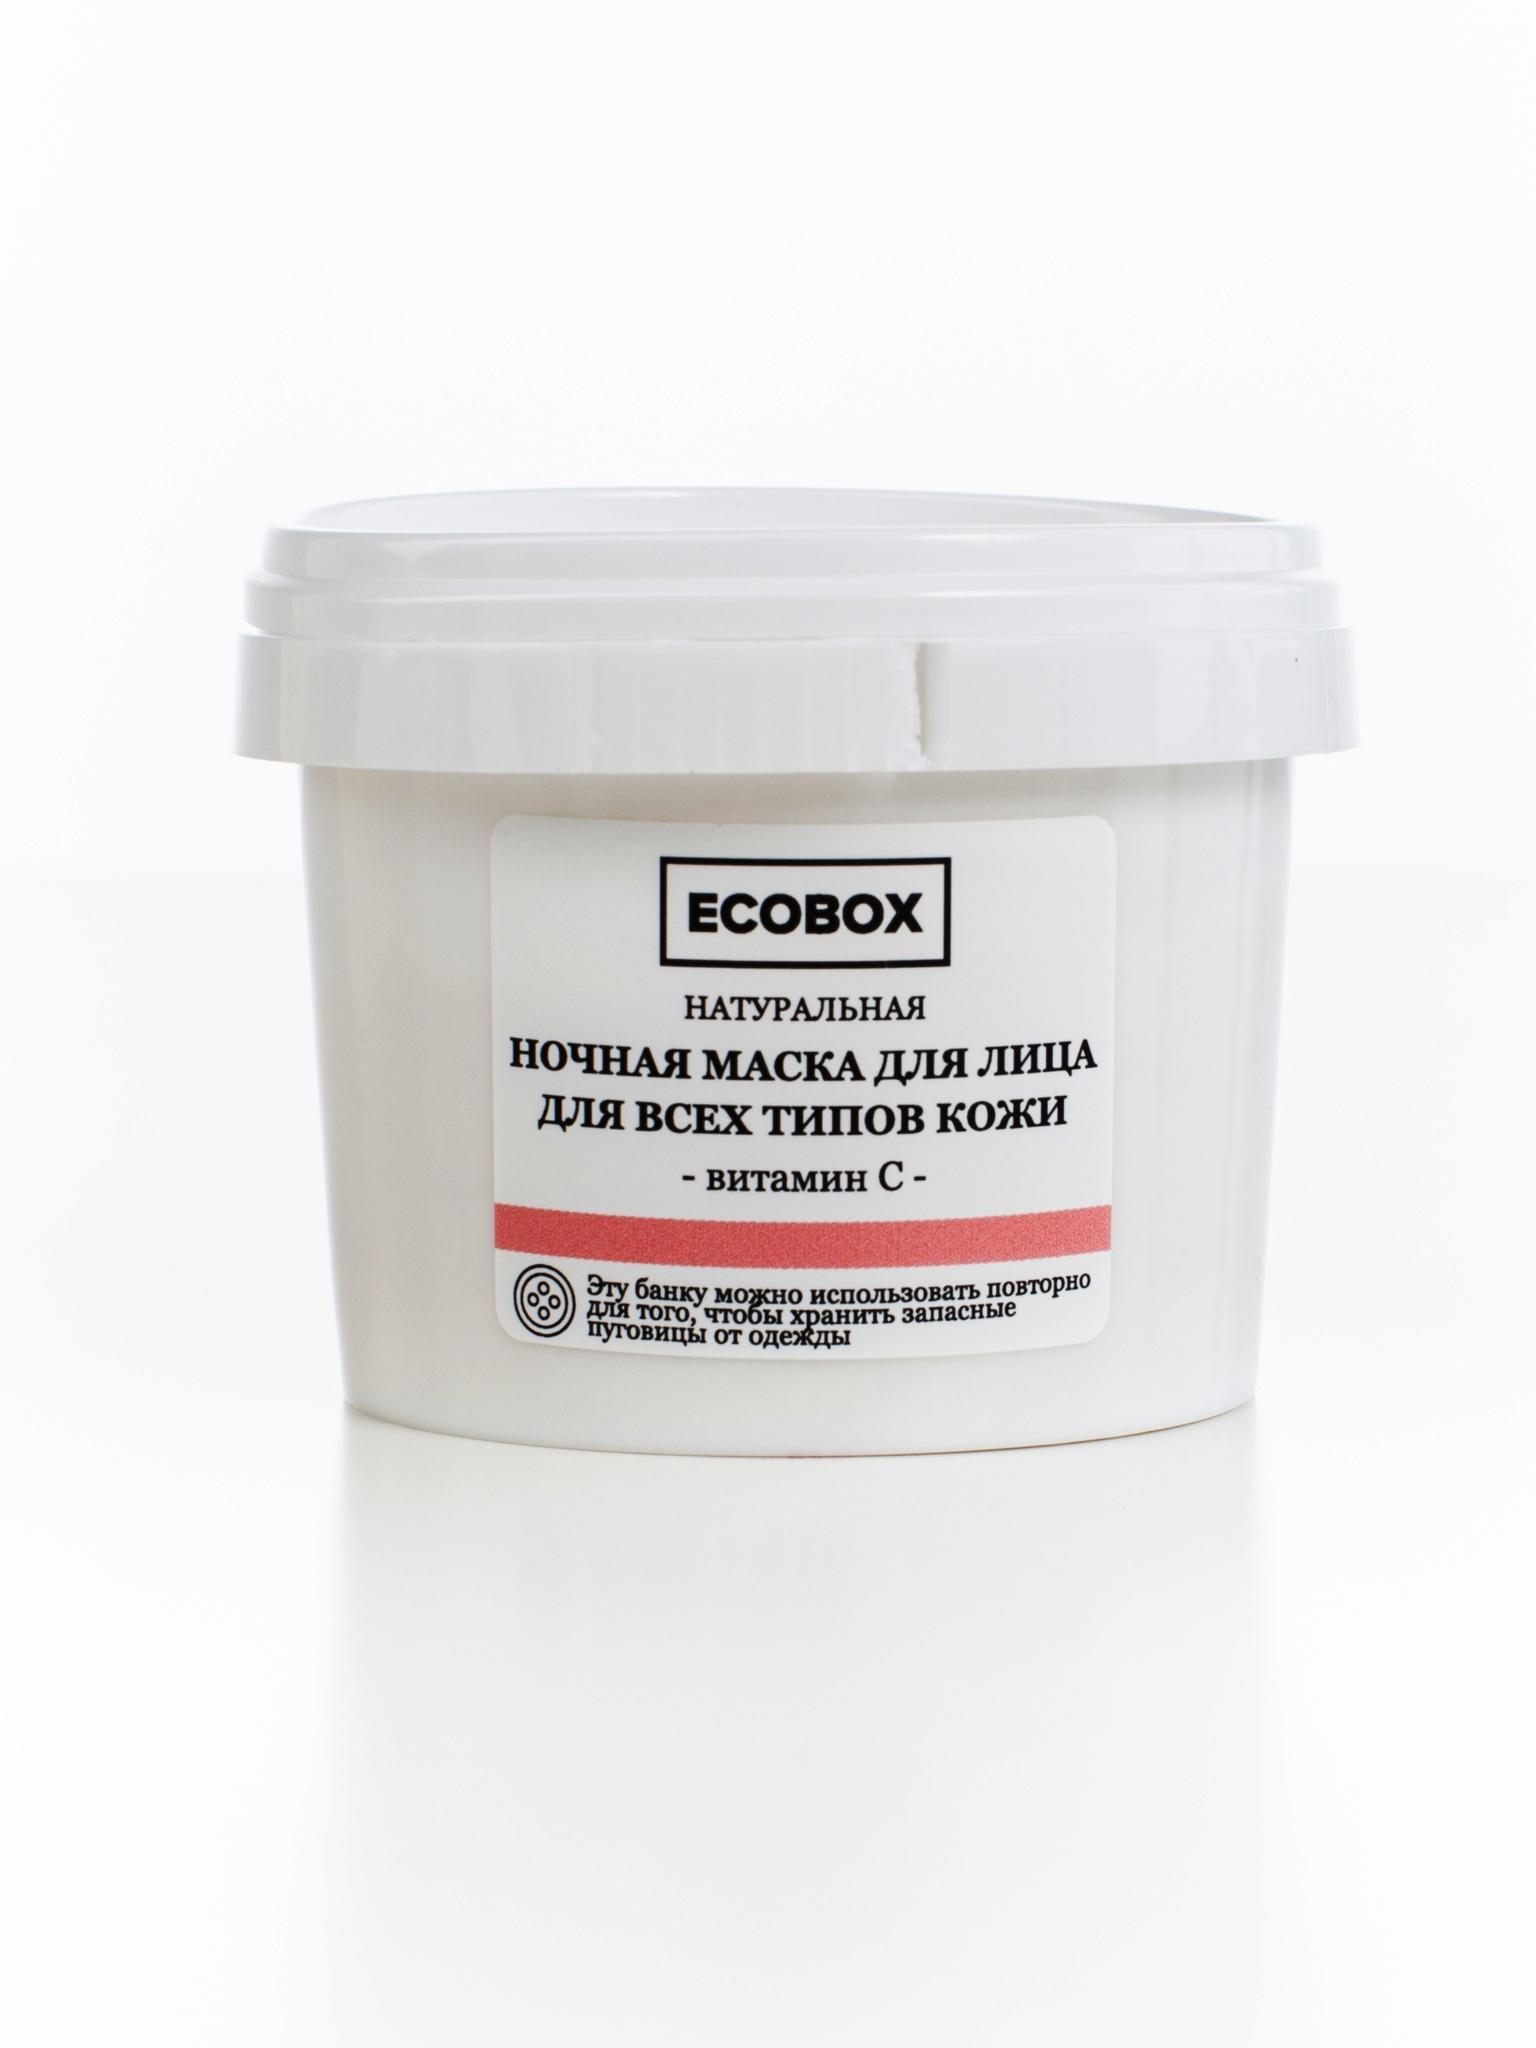 Натуральная ночная маска для лица для всех типов кожи Витамин С ECOBOX